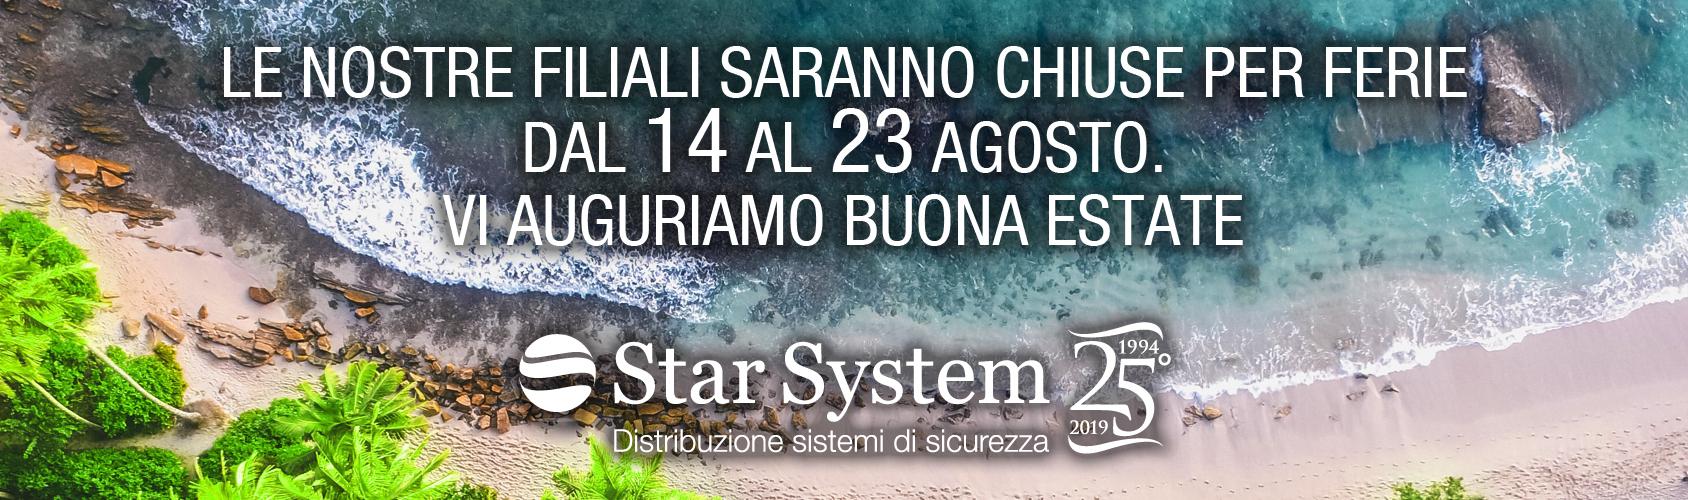 La Star System sarà chiusa per ferie dal 14 al 23 Agosto.